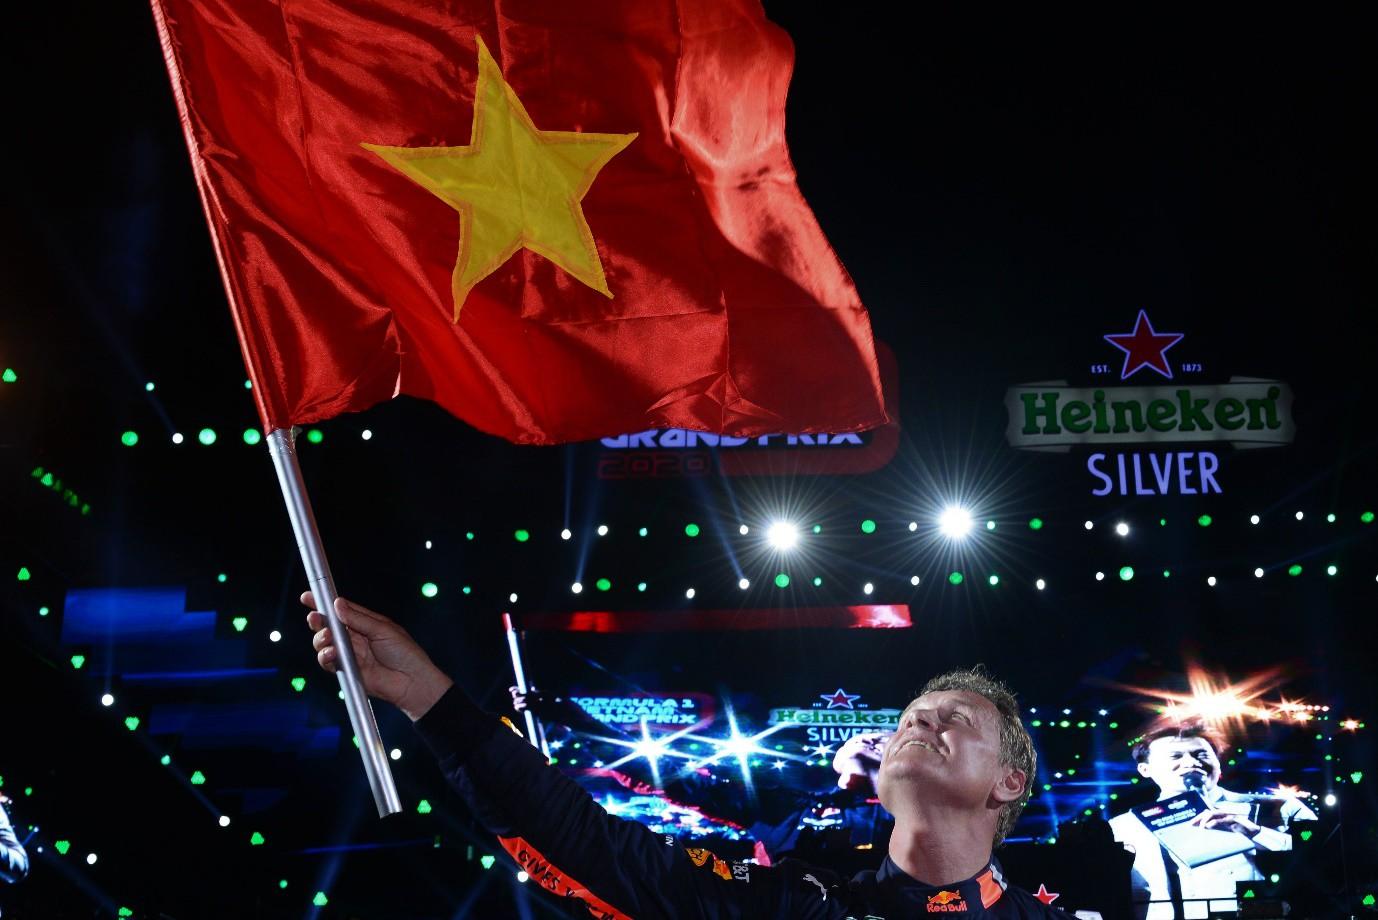 Fan Việt dậy sóng với trải nghiệm giải đua F1 cùng DJ quốc tế Armin Van Buuren - Ảnh 3.